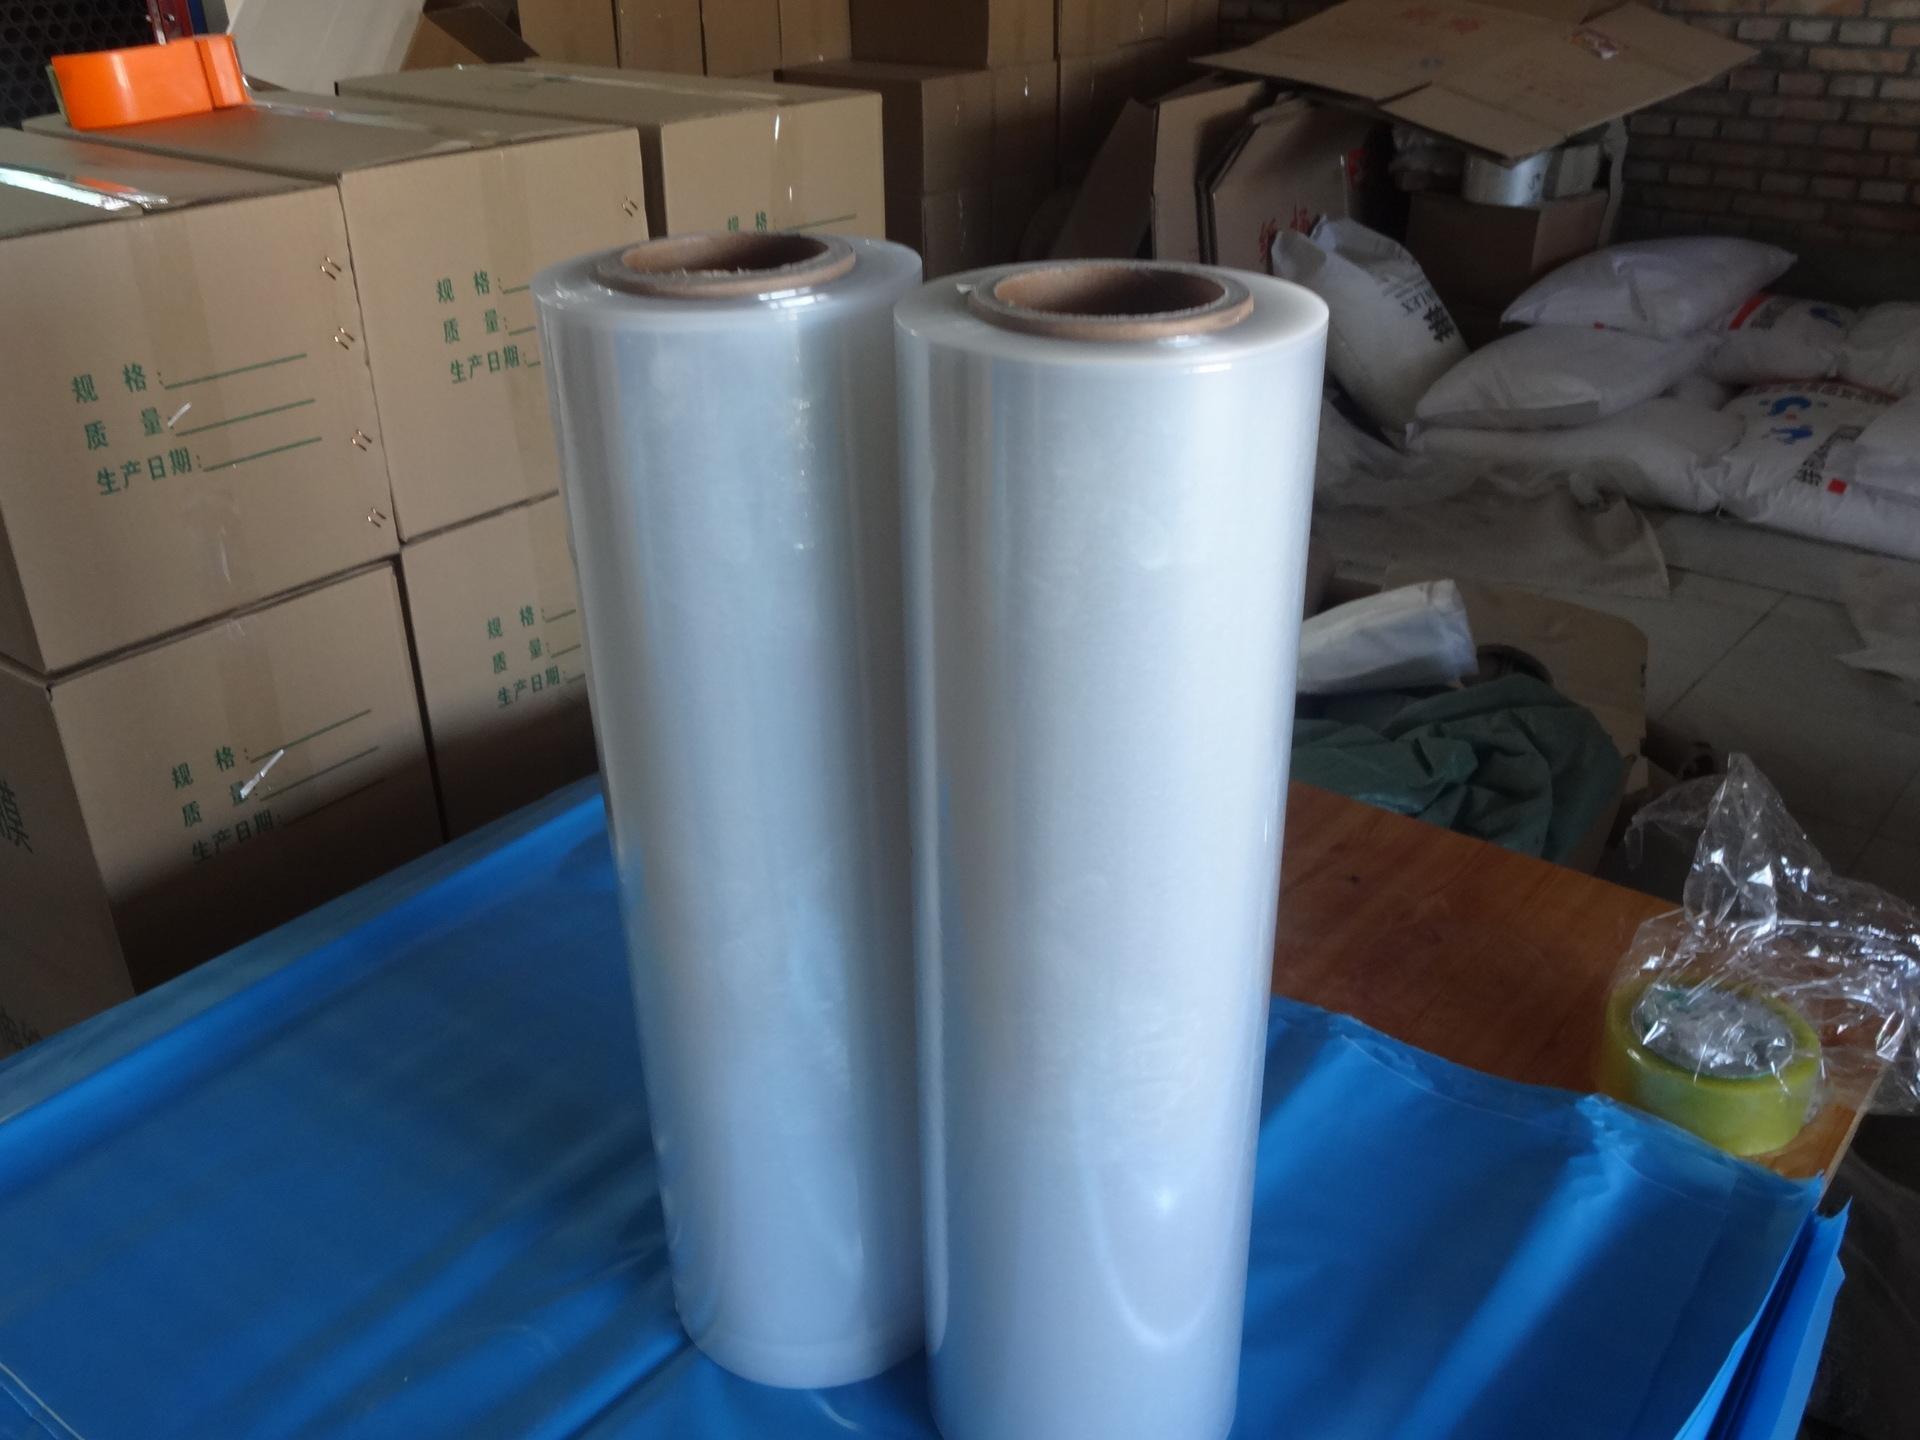 工业包装制作专家,定做各种塑料膜,塑料袋